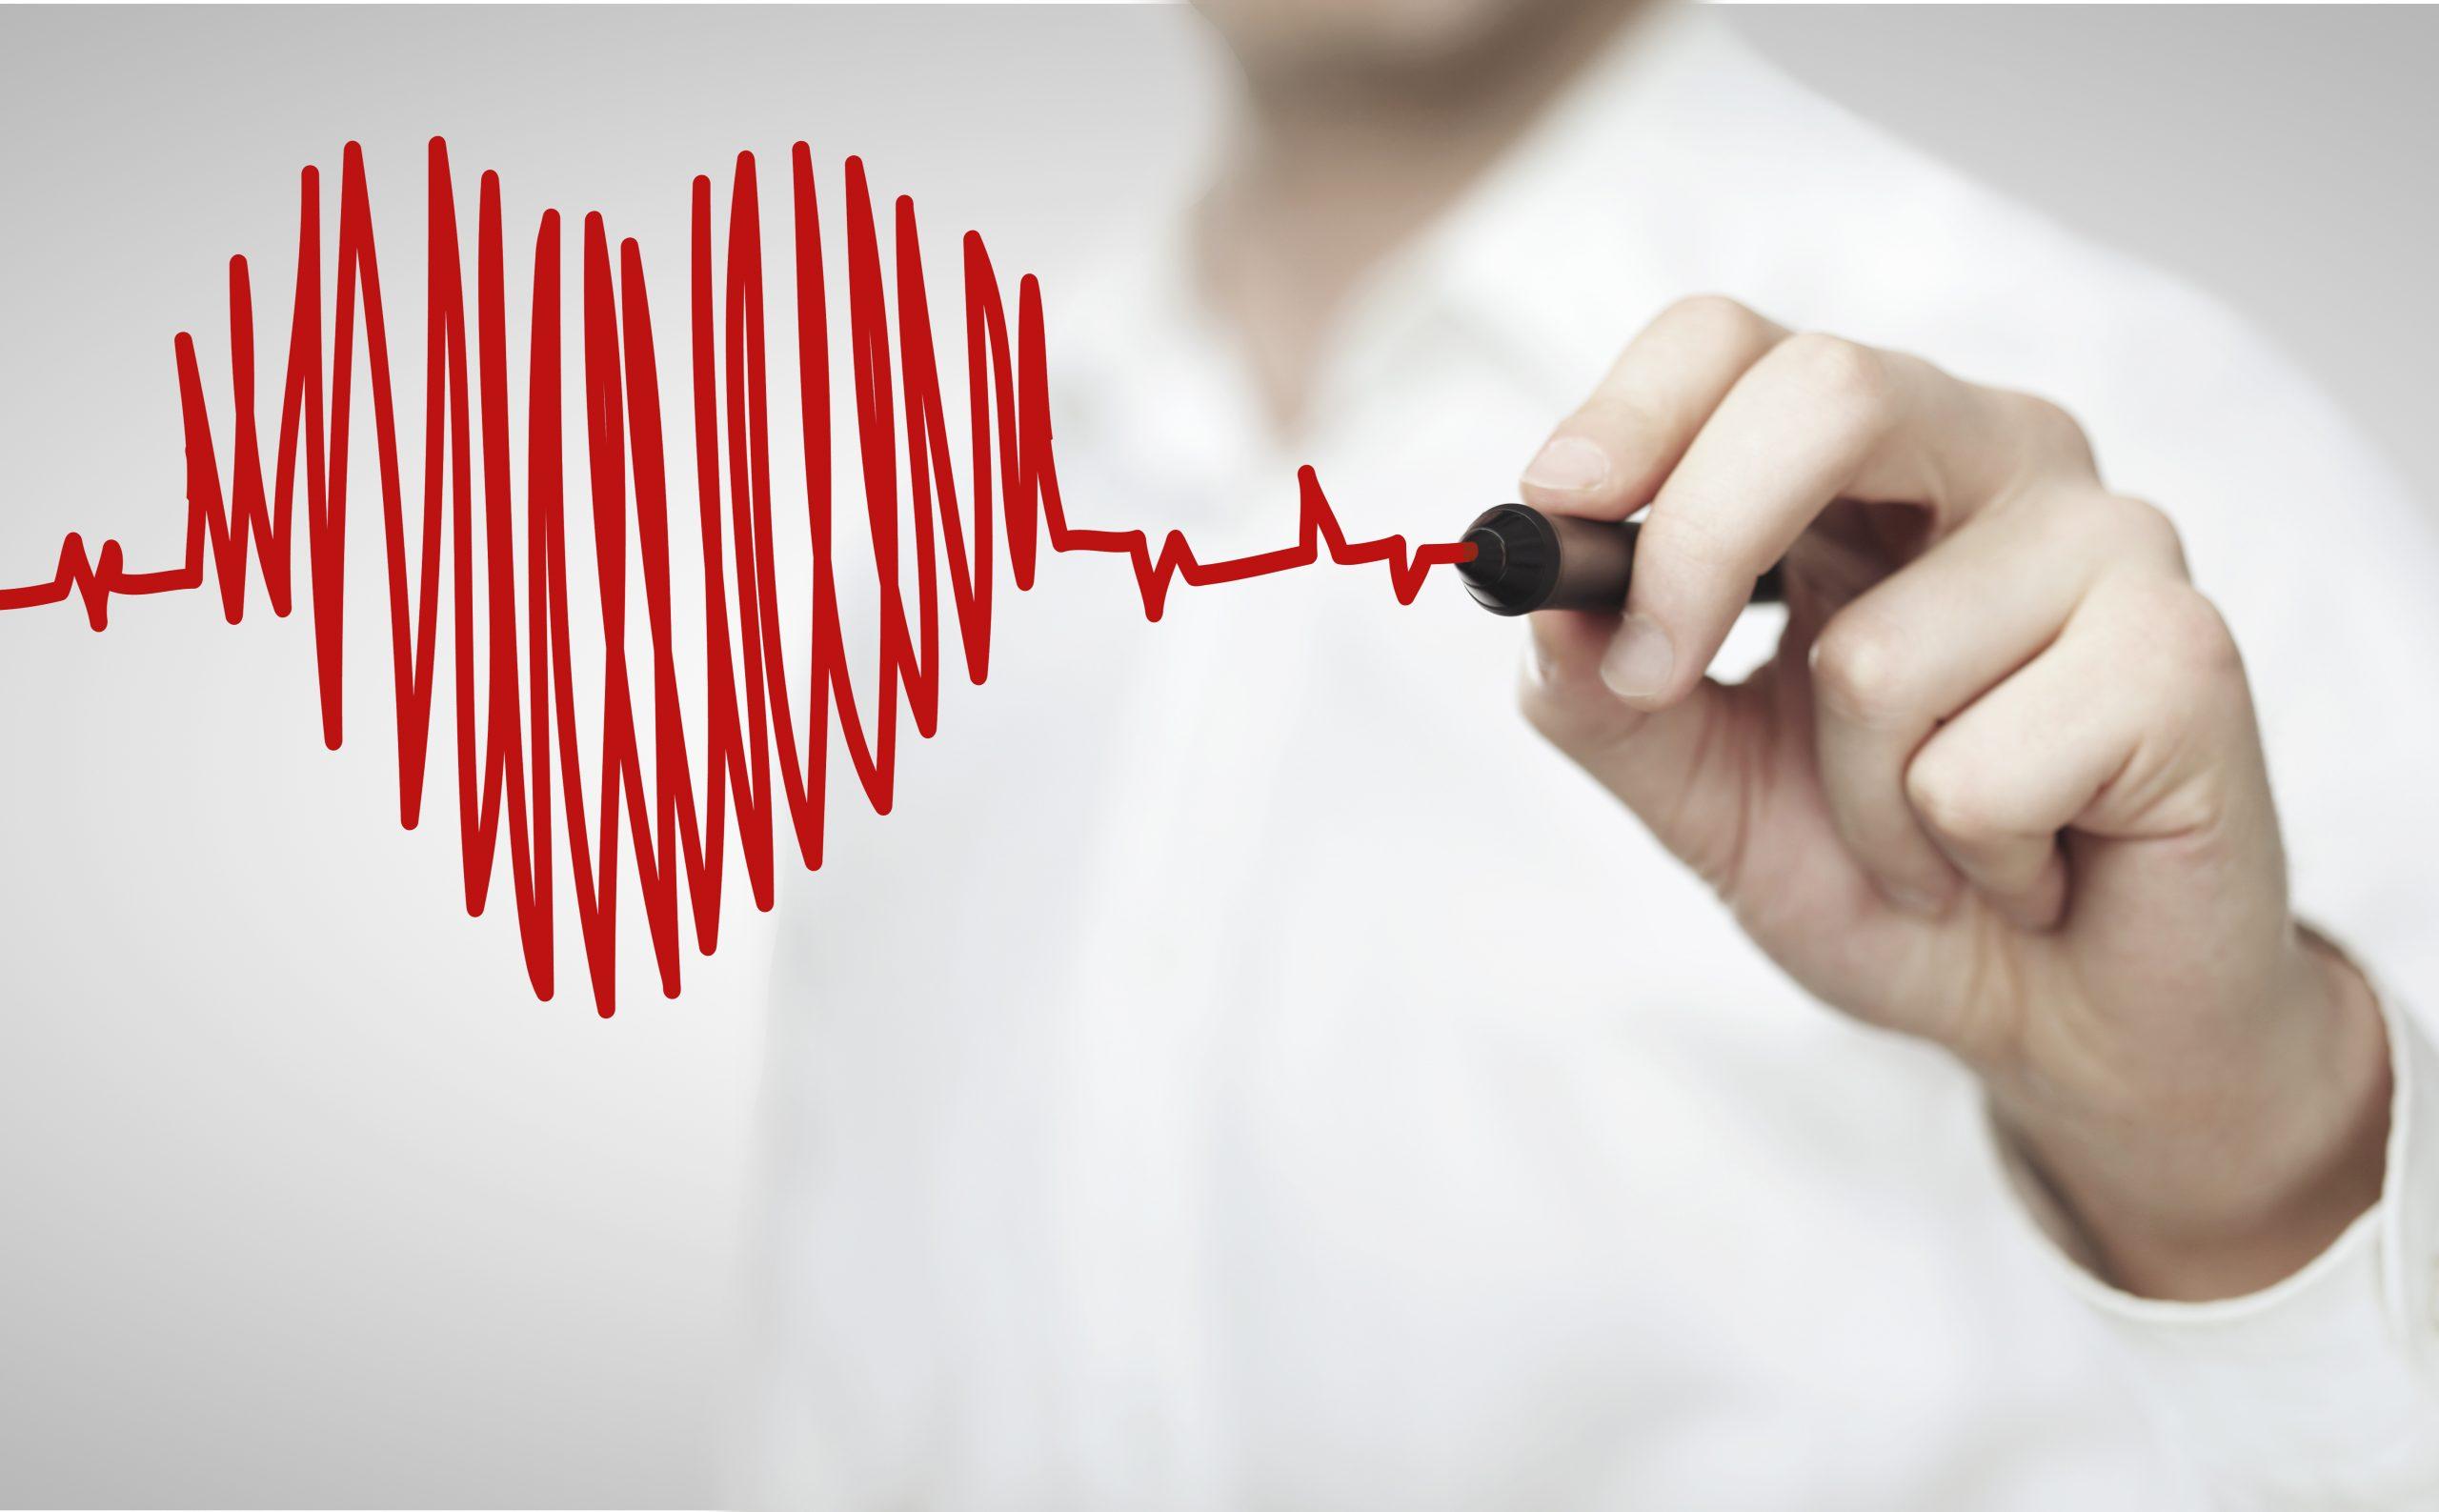 Serce, czy rozum, czyli jak podejmować decyzje?